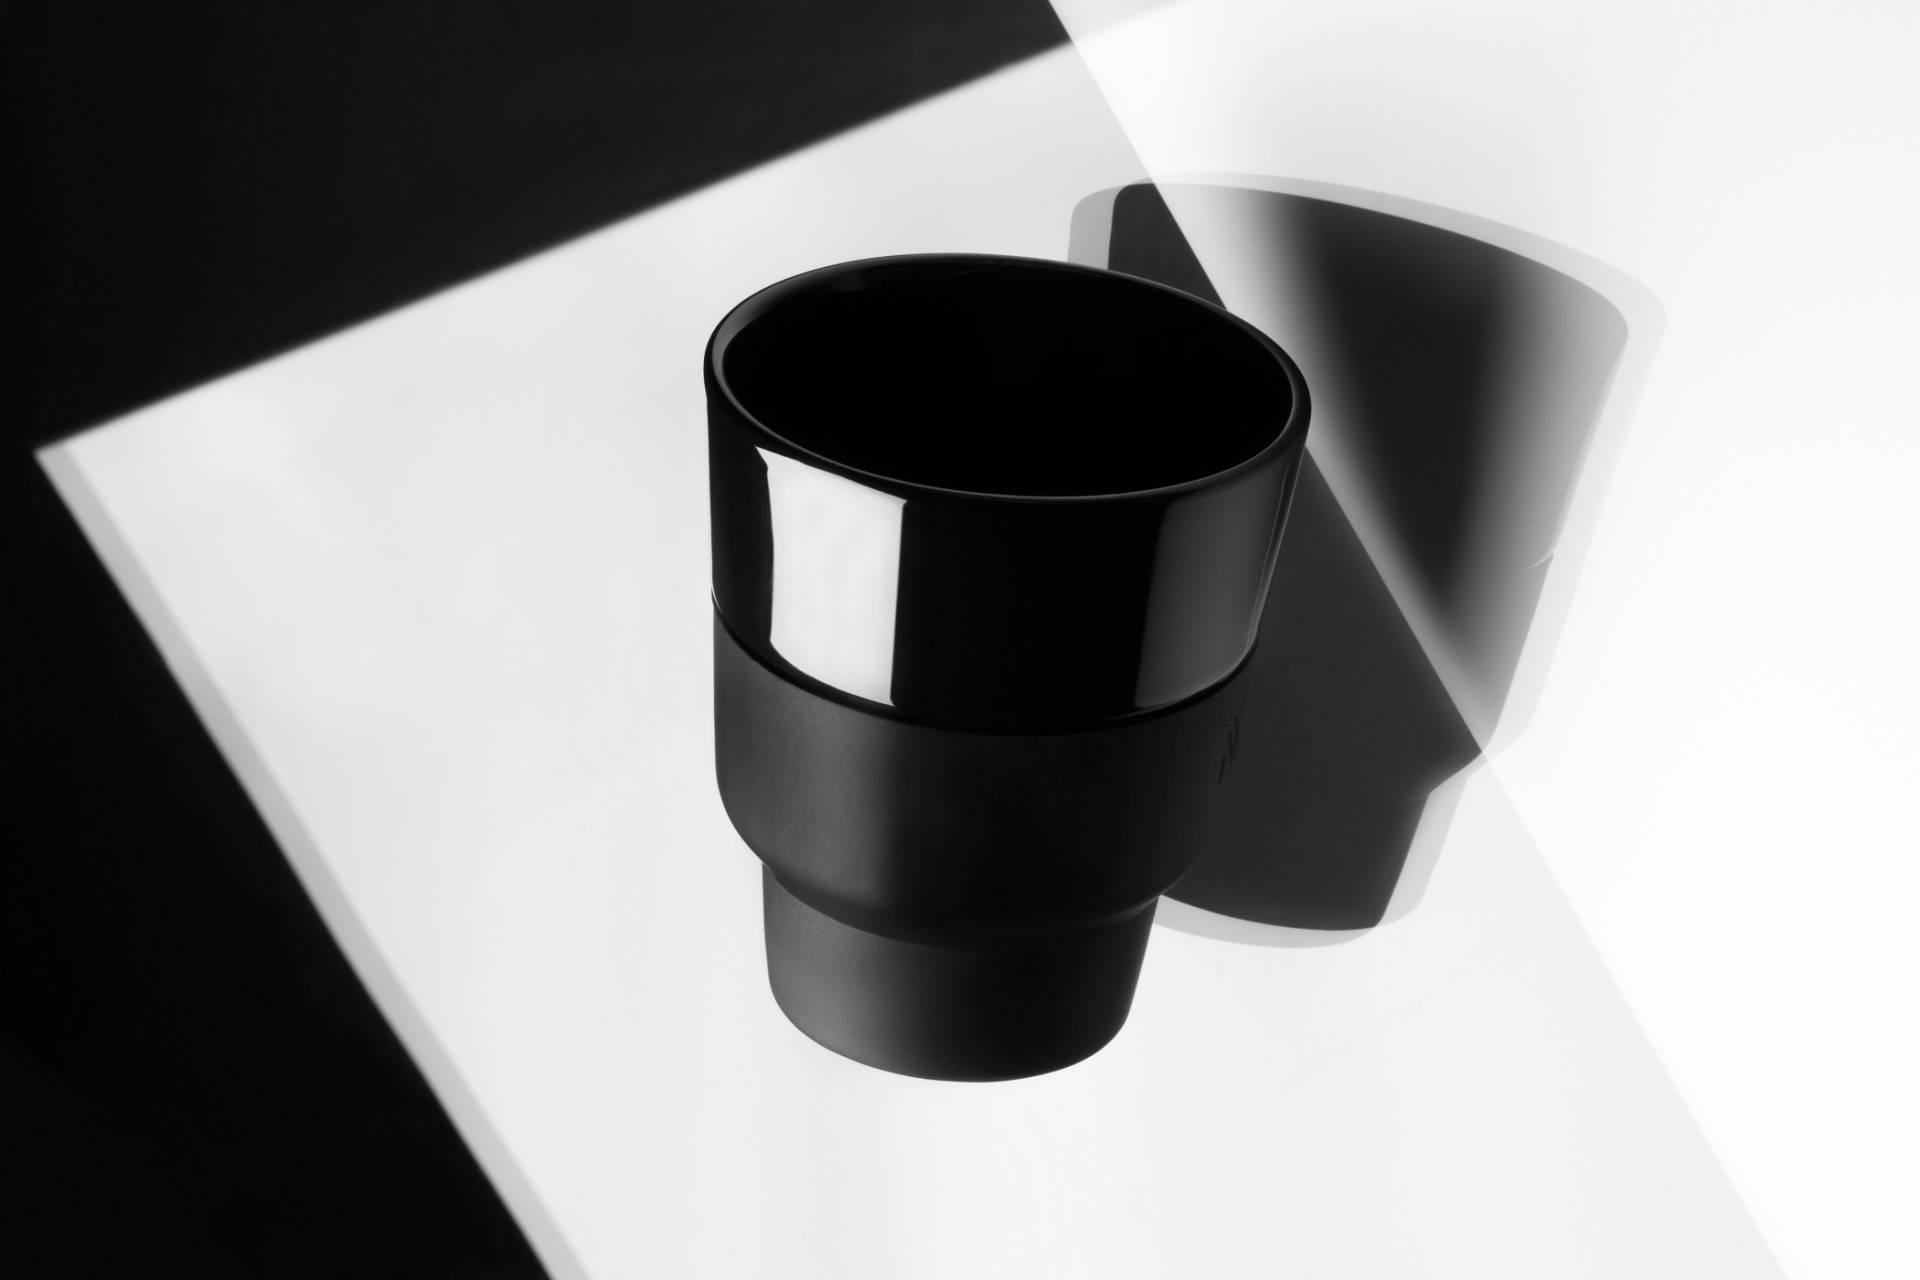 纯黑咖啡杯怎样设计更显魅力?Nespresso 告诉你